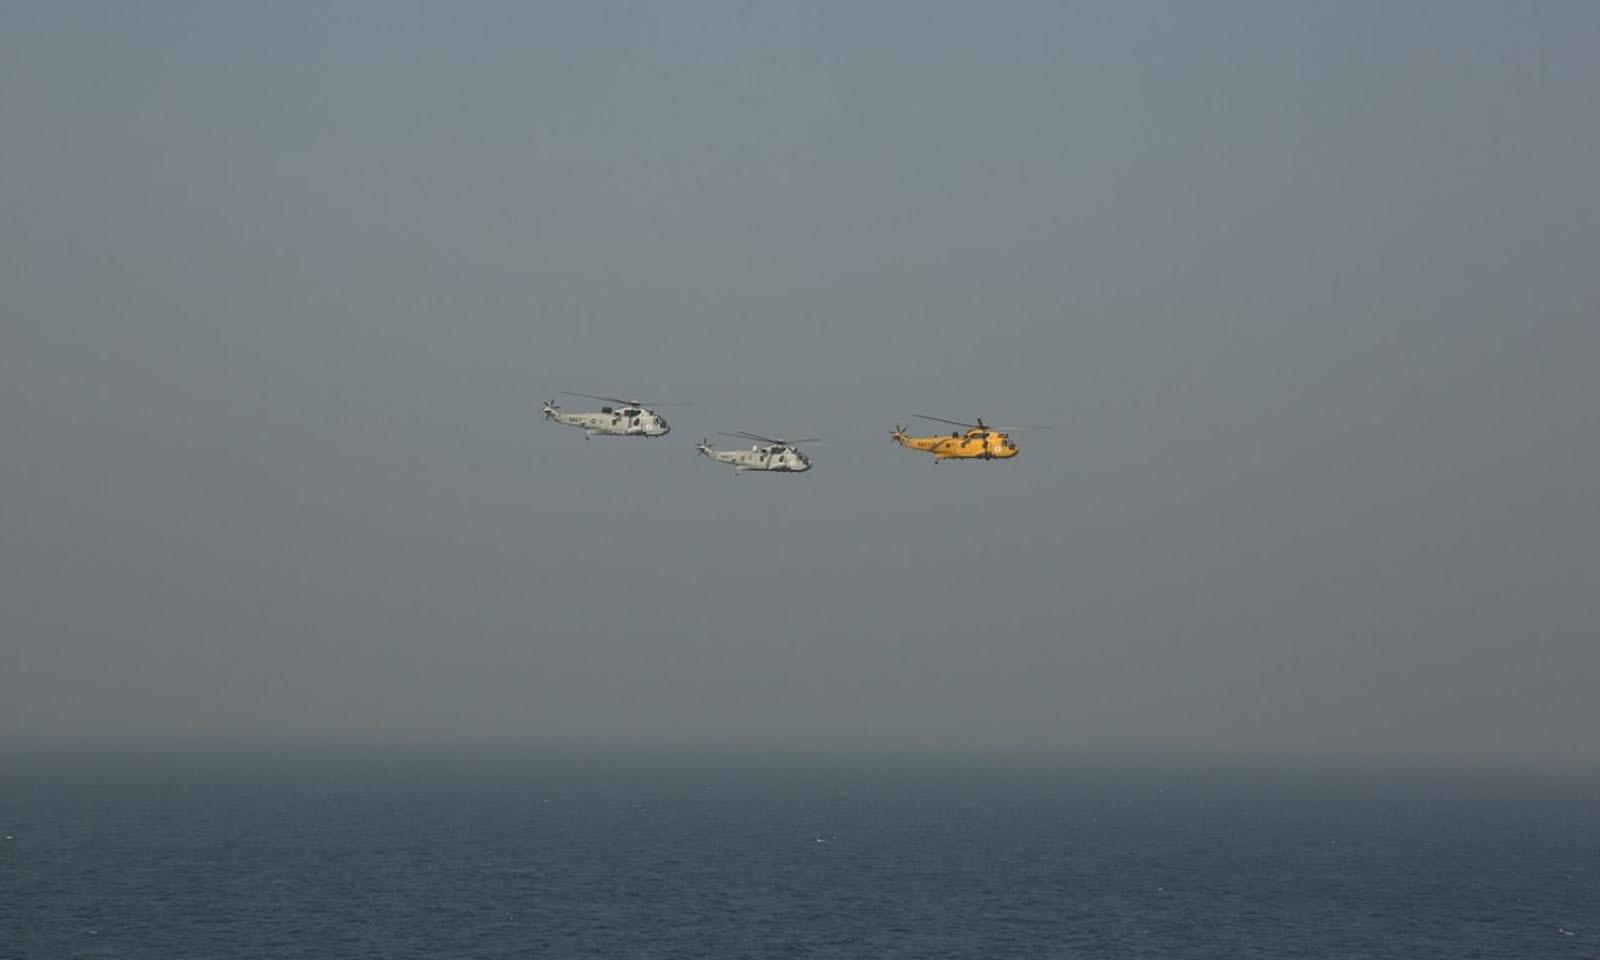 عالمی بحری افواج امن کے حصول کی غرض سے ایک پلیٹ فارم پر جمع ہوتی ہیں  —فوٹو بشکریہ / پاک بحریہ